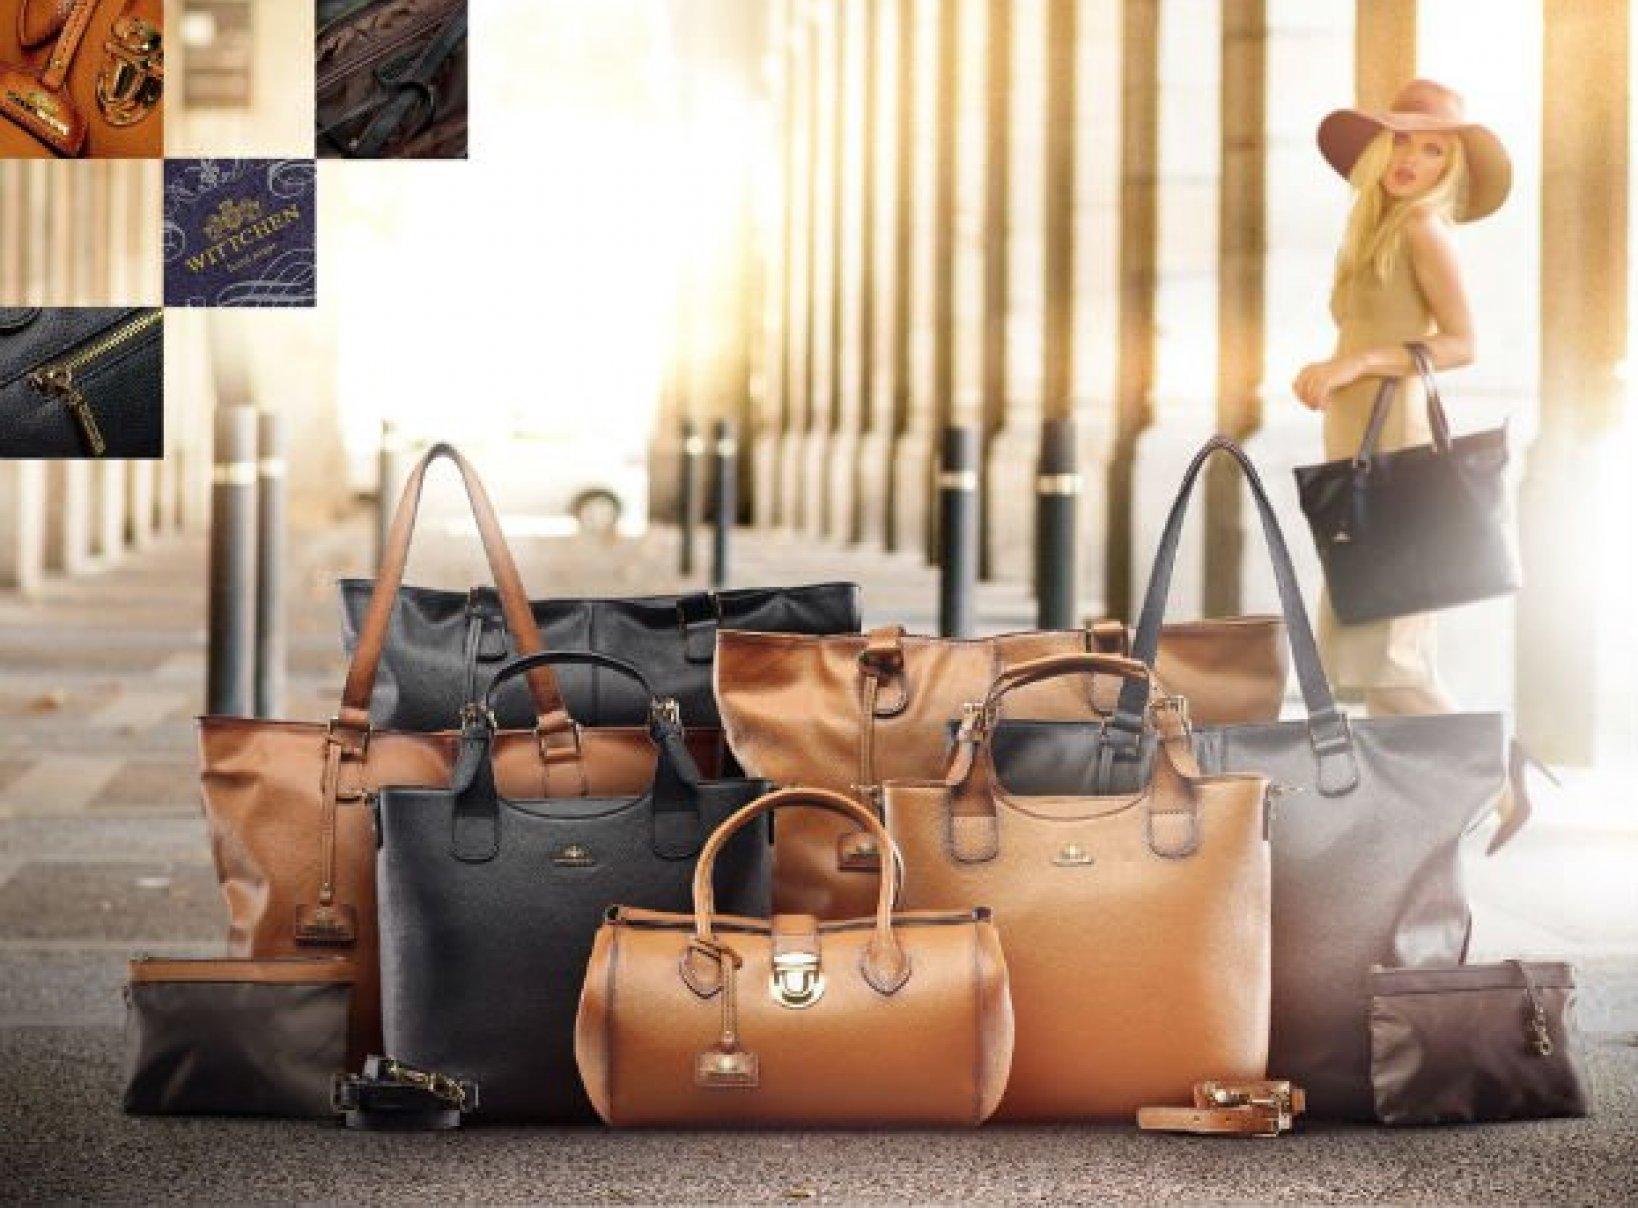 ce2e599988931 Na początku października w sklepach Lidl dostępne były skórzane torebki  Wittchen w promocyjnych cenach. Każdą można było kupić za 249 zł